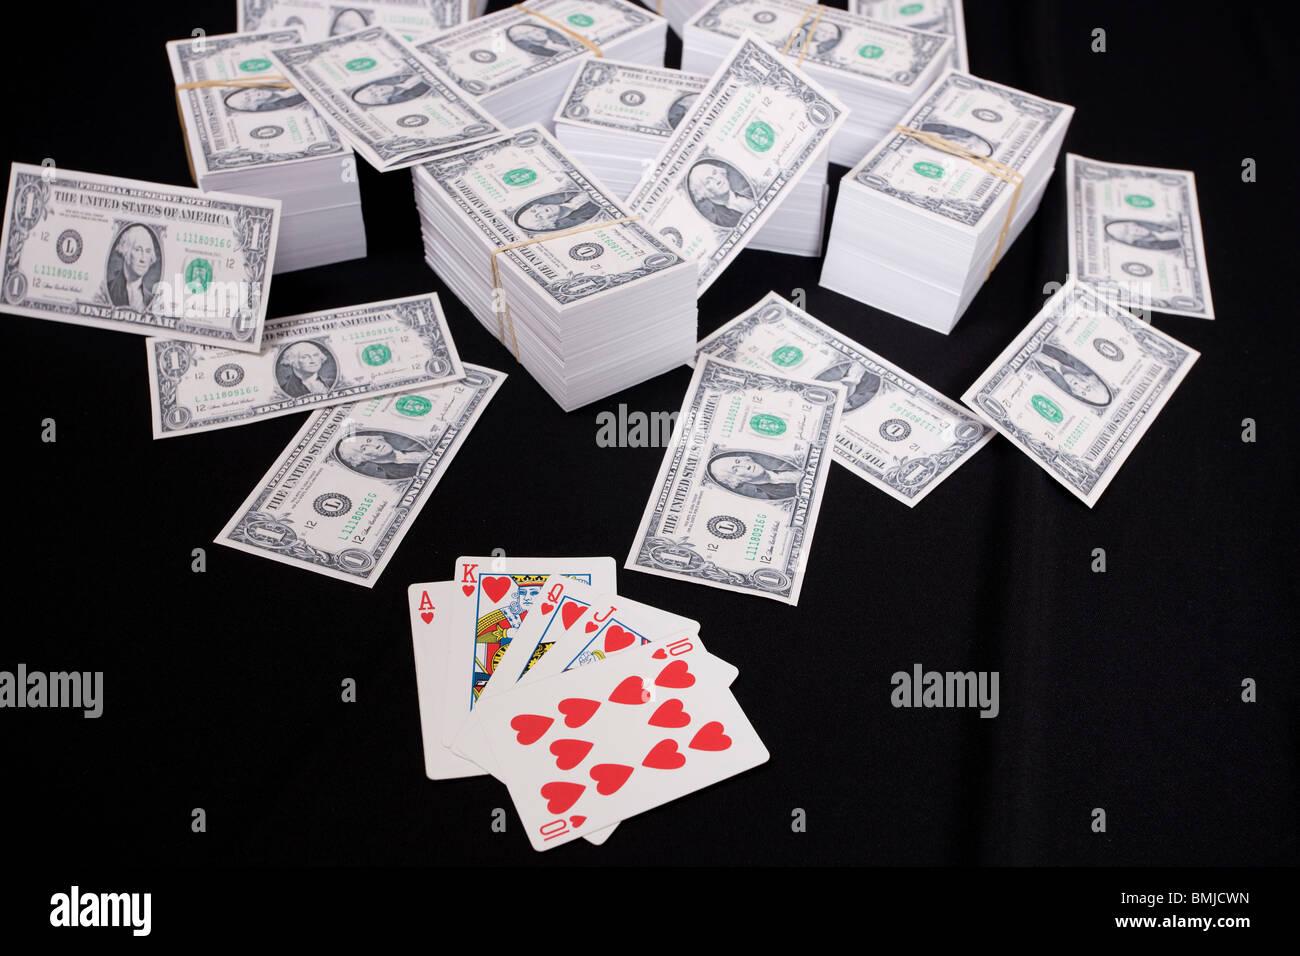 Haufenweise Geld und Karten Stockbild